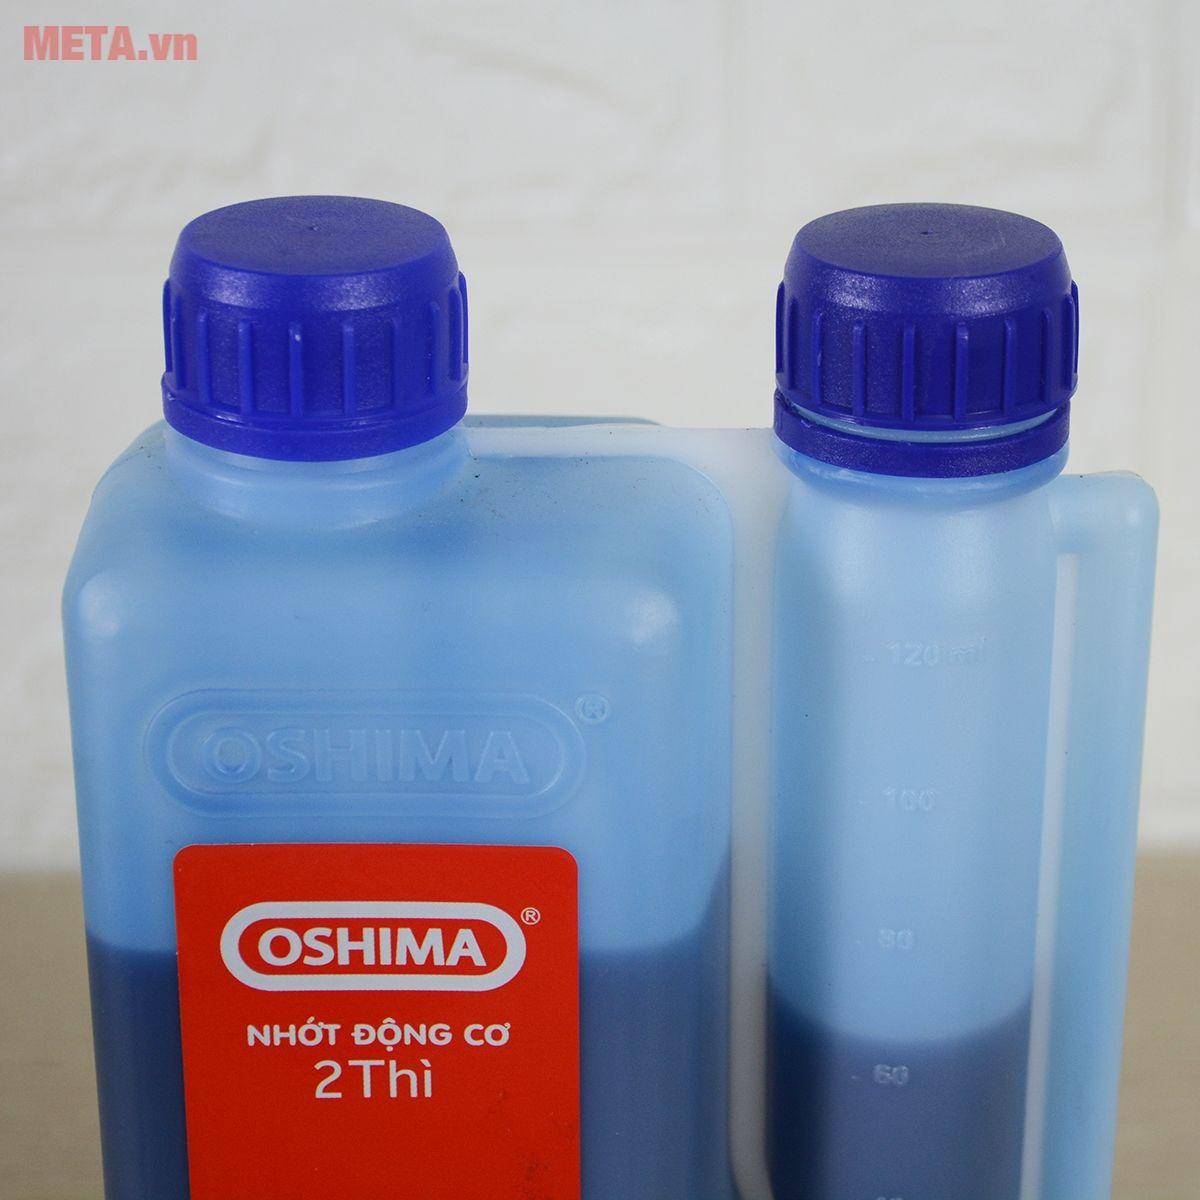 Nhớt oshima được đựng trong chai